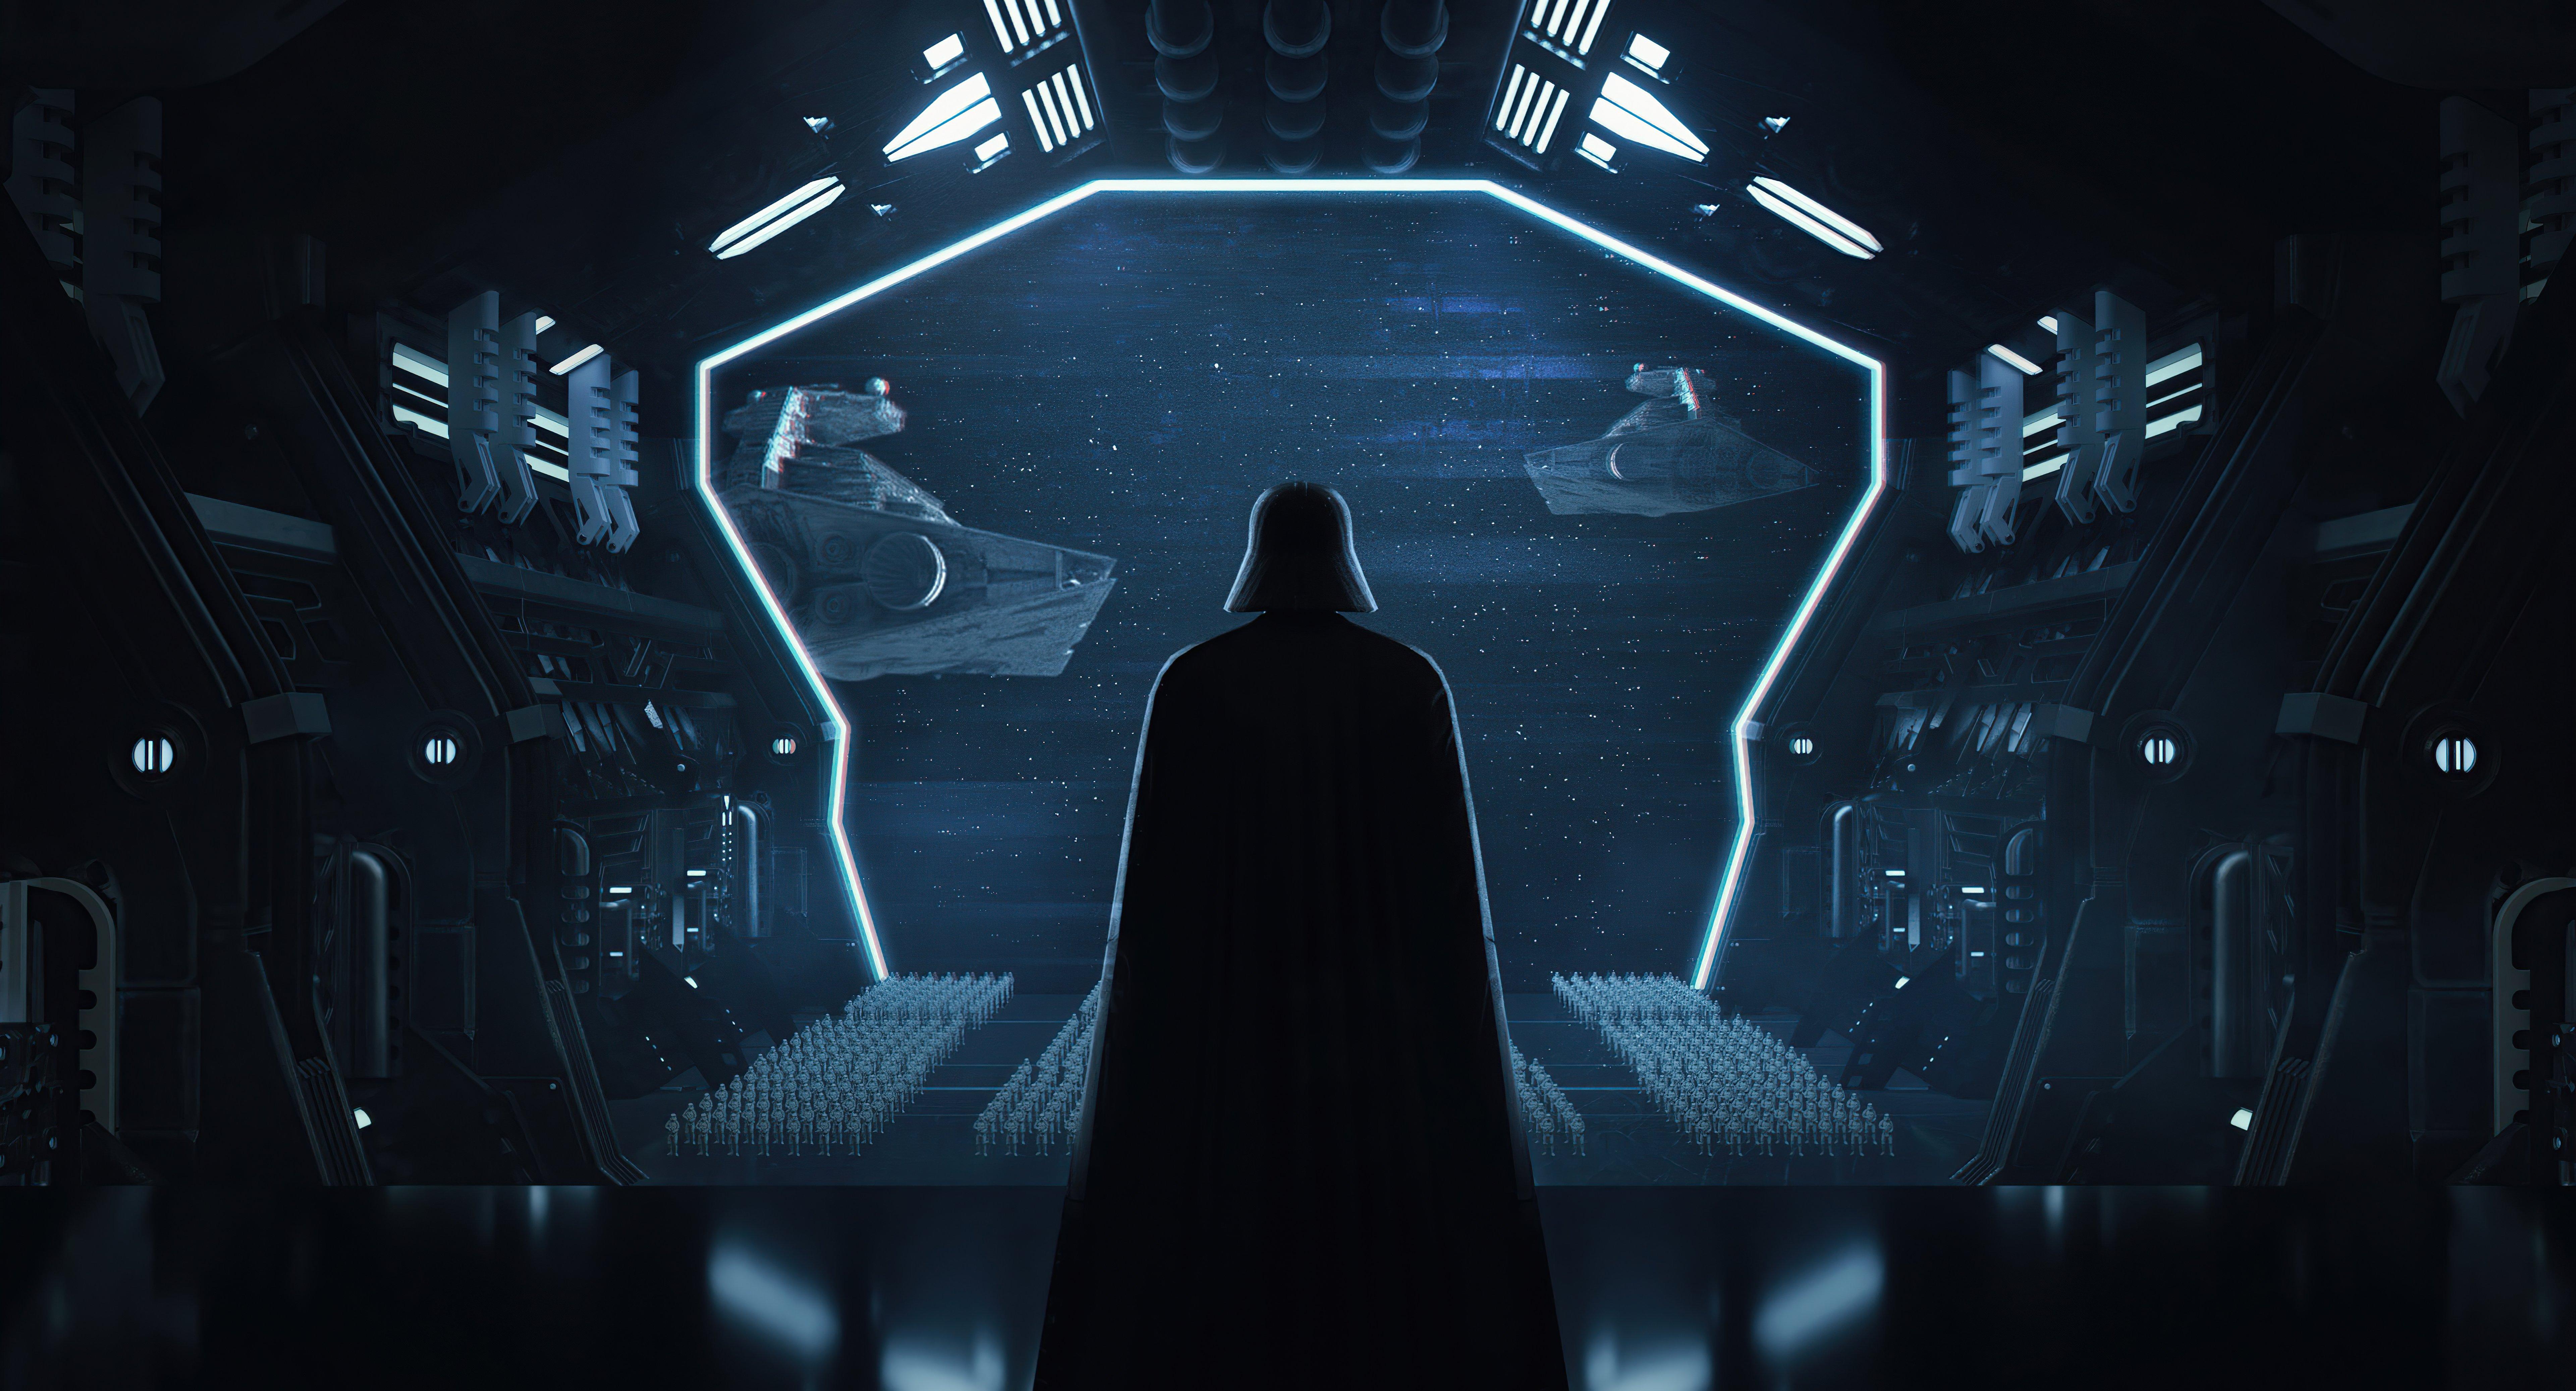 Wallpaper Darth Vader in Ship